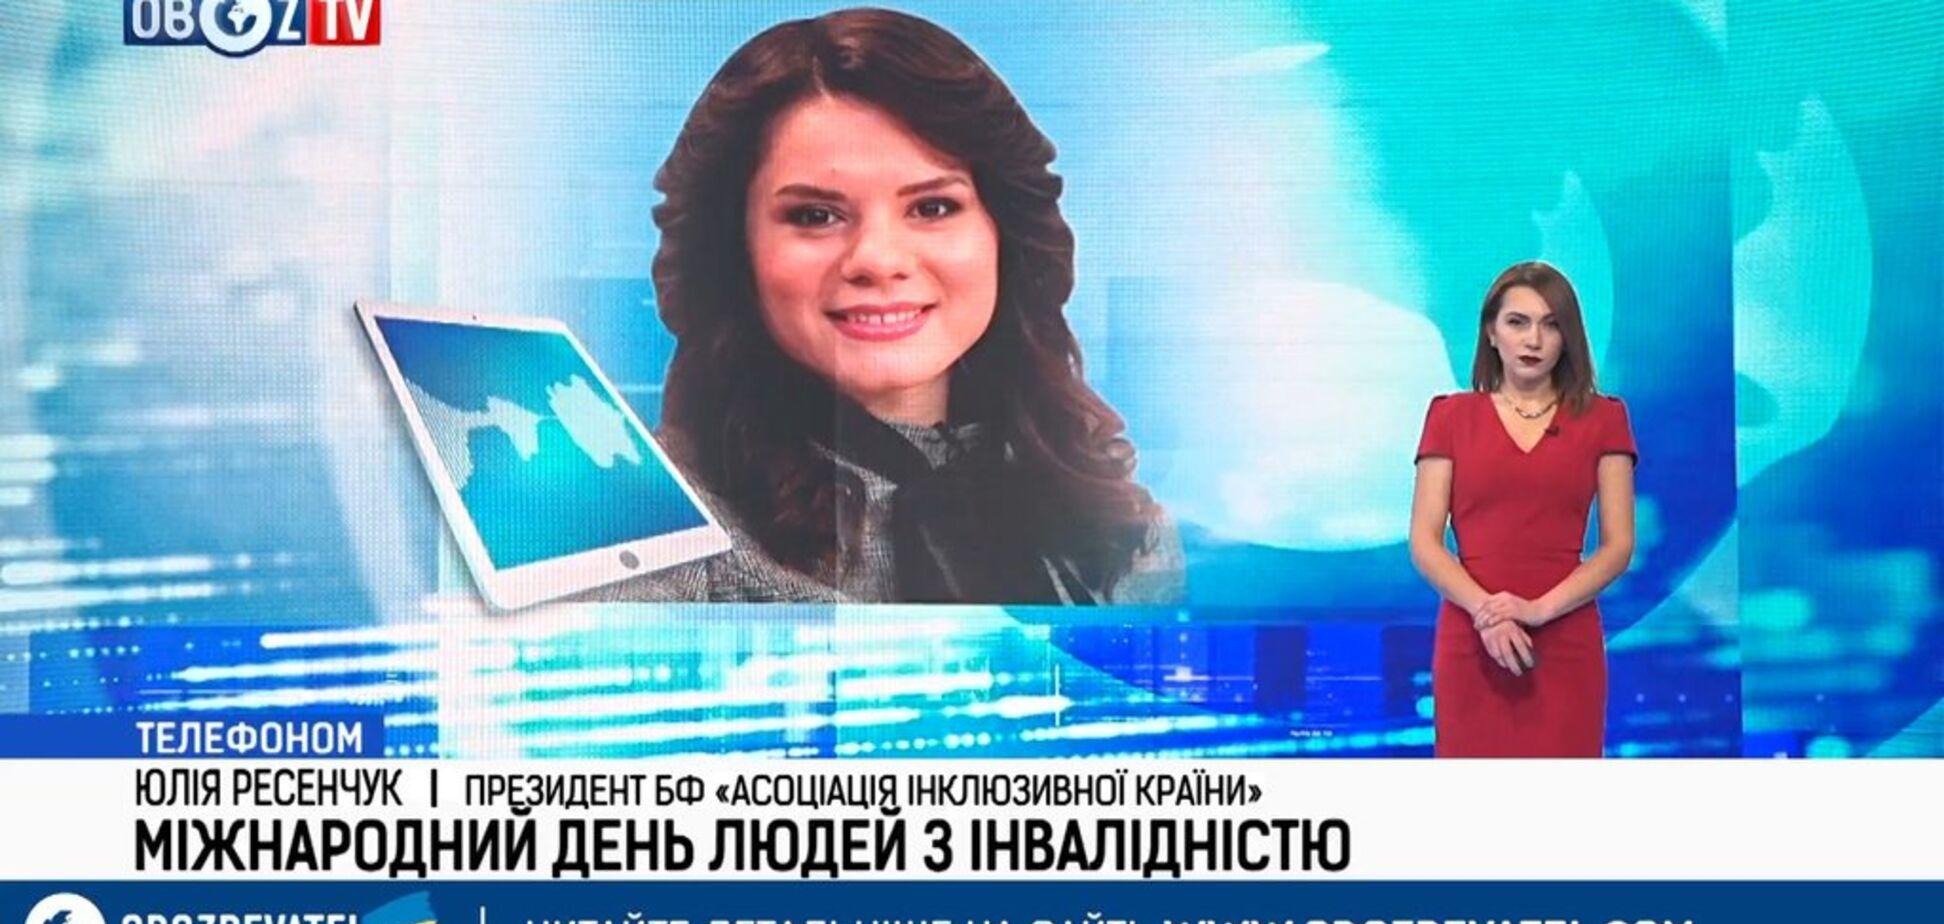 Інклюзія по-українські: не для співчуття, а для рівних прав та можливостей